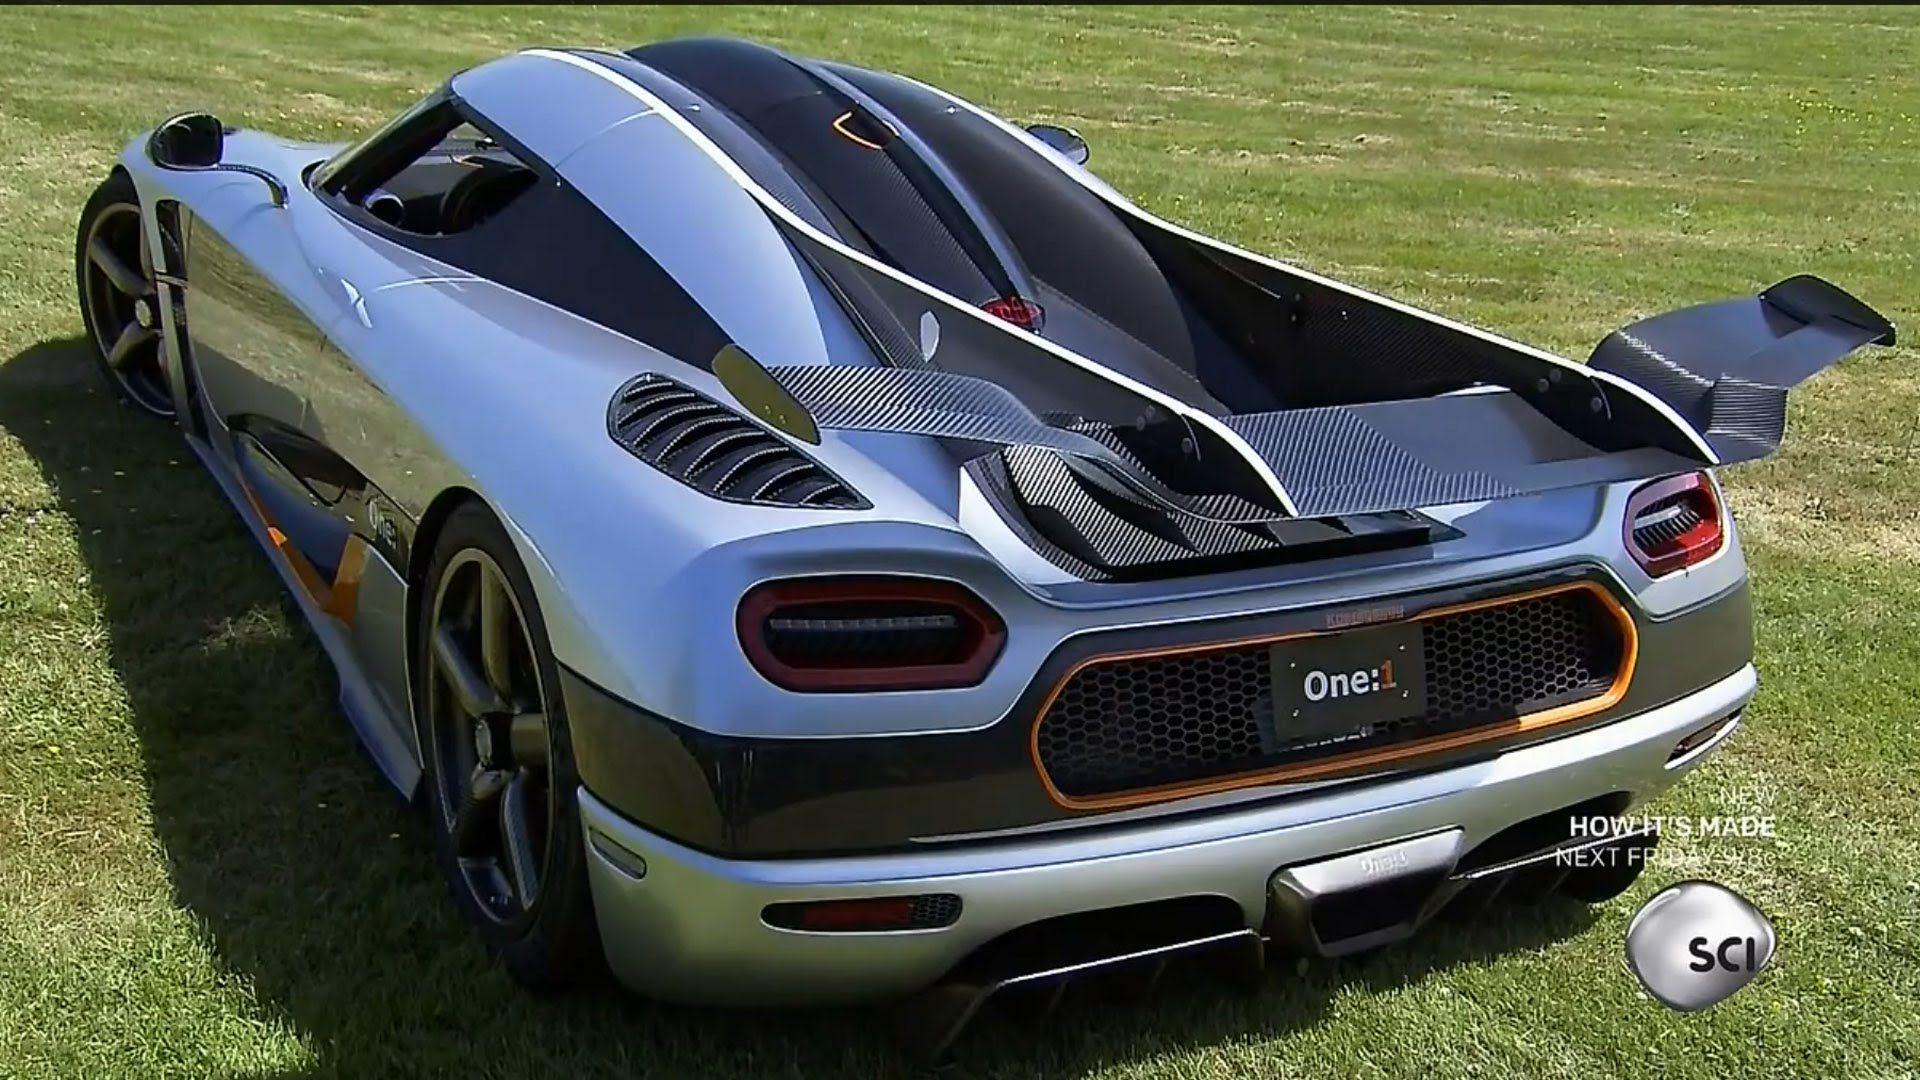 how its made dream cars s02e12 koenigsegg one 1 720p